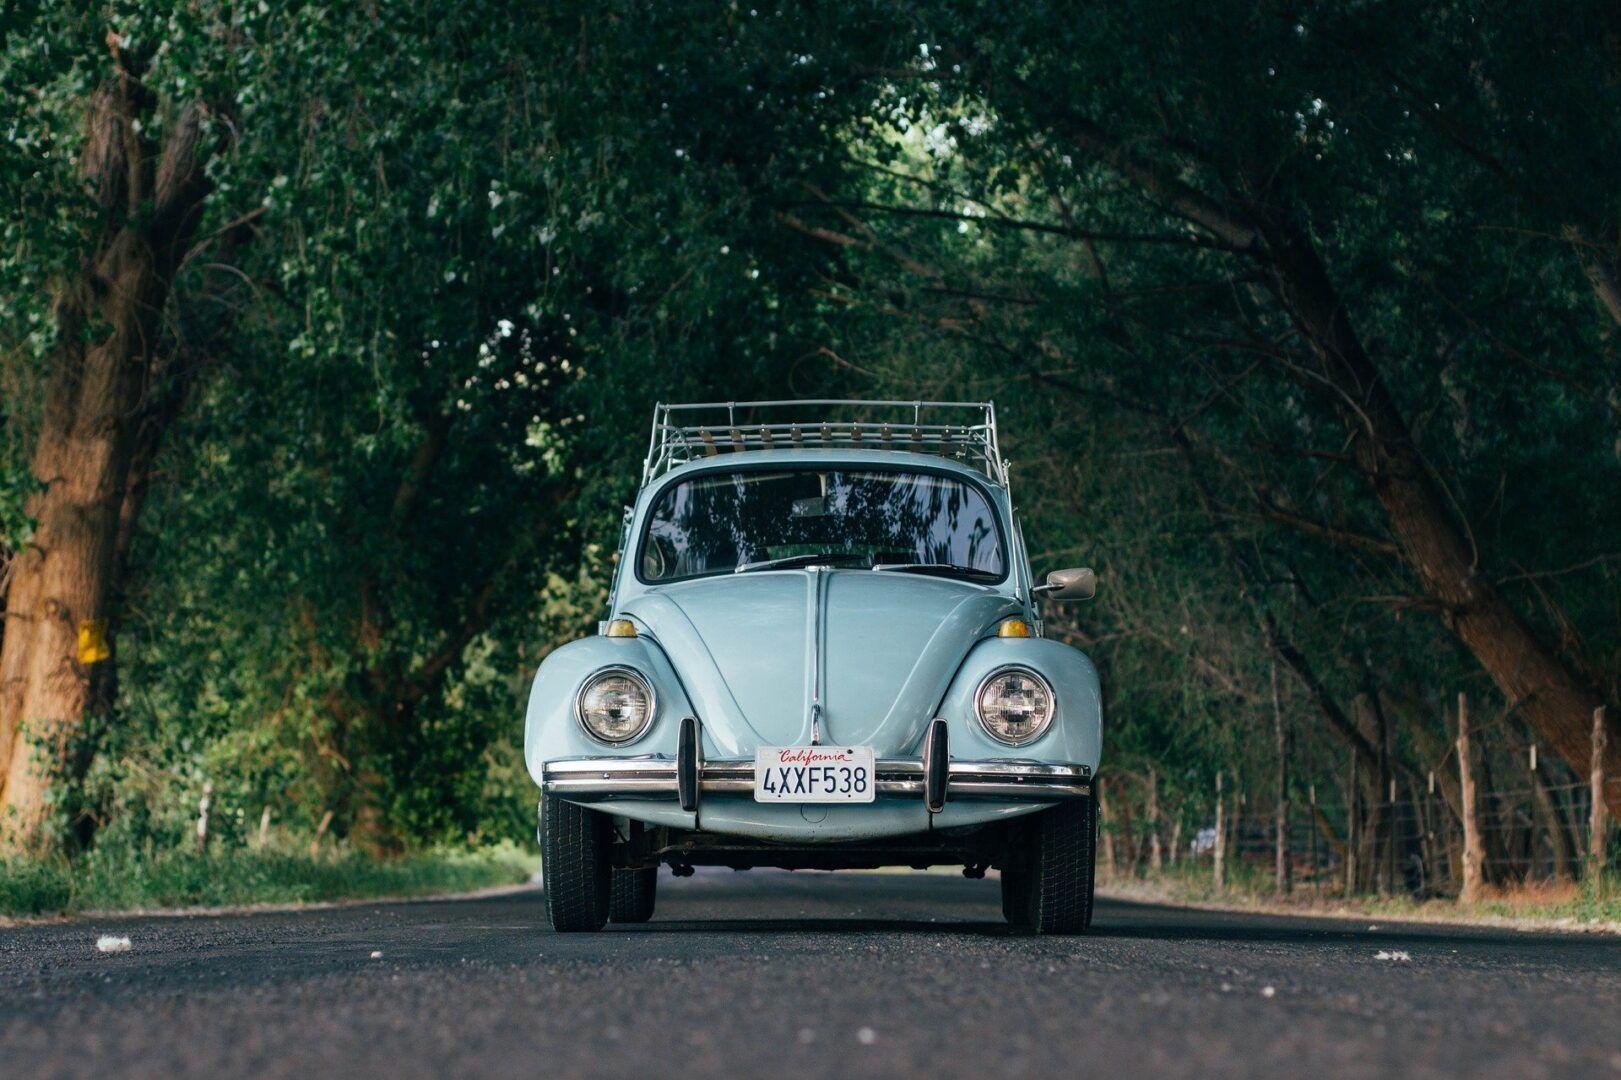 História do Fusca - origem e curiosidades sobre o carro popular